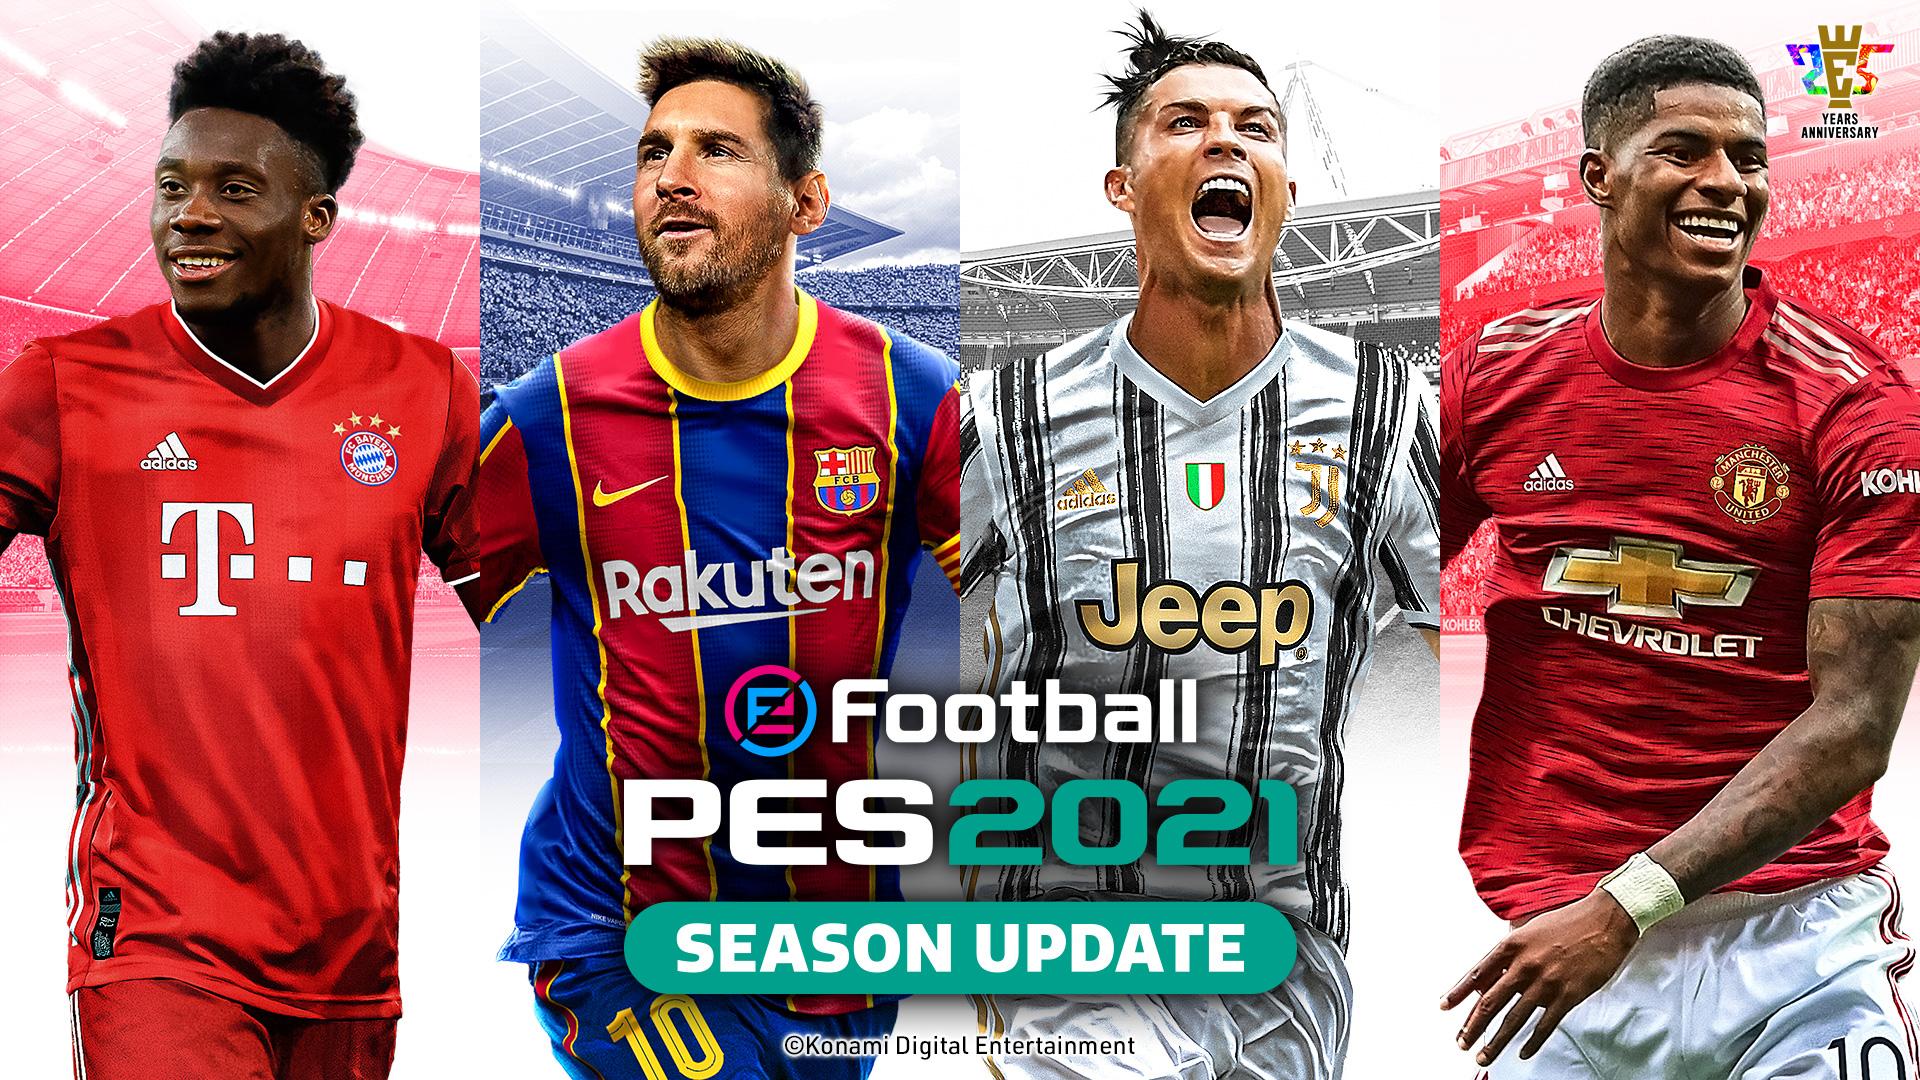 科乐美新足球游戏通过评级 或为《实况足球2022》